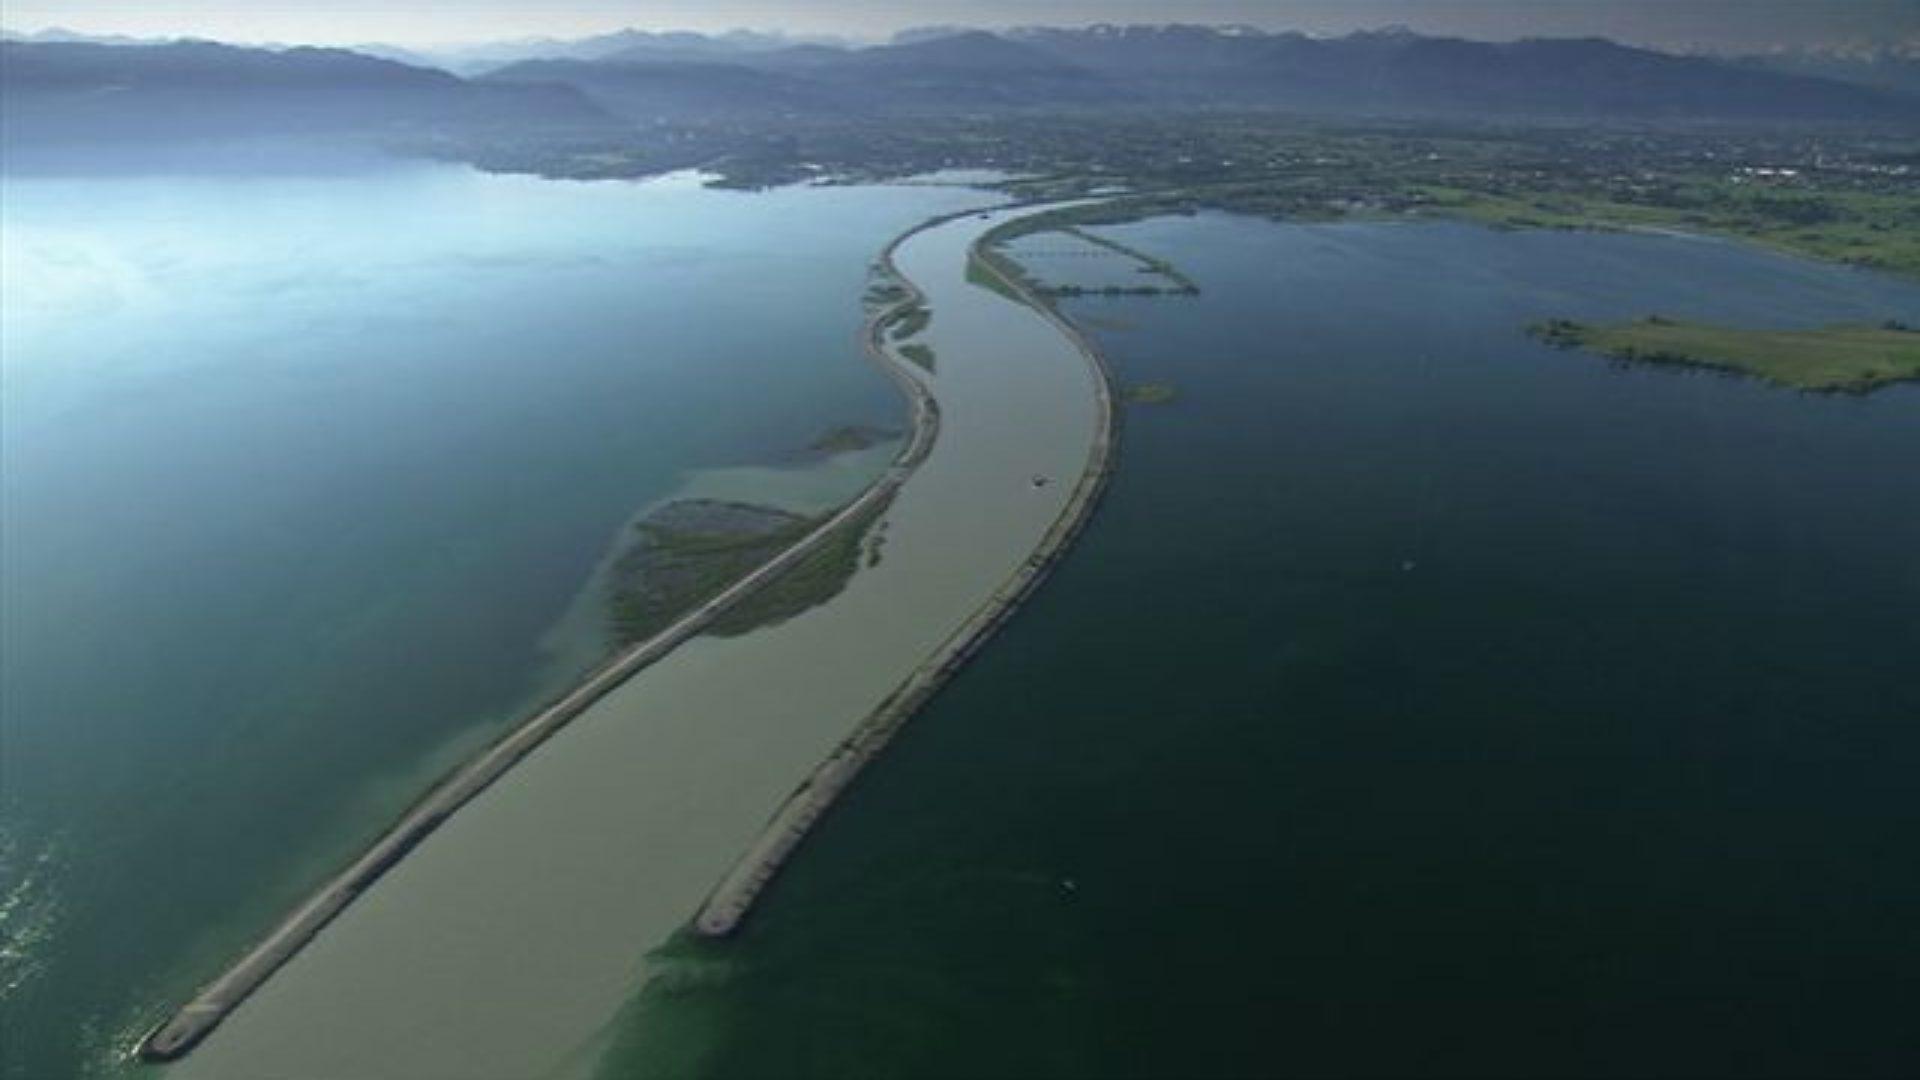 Der Alpenrhein mündet in den Bodensee